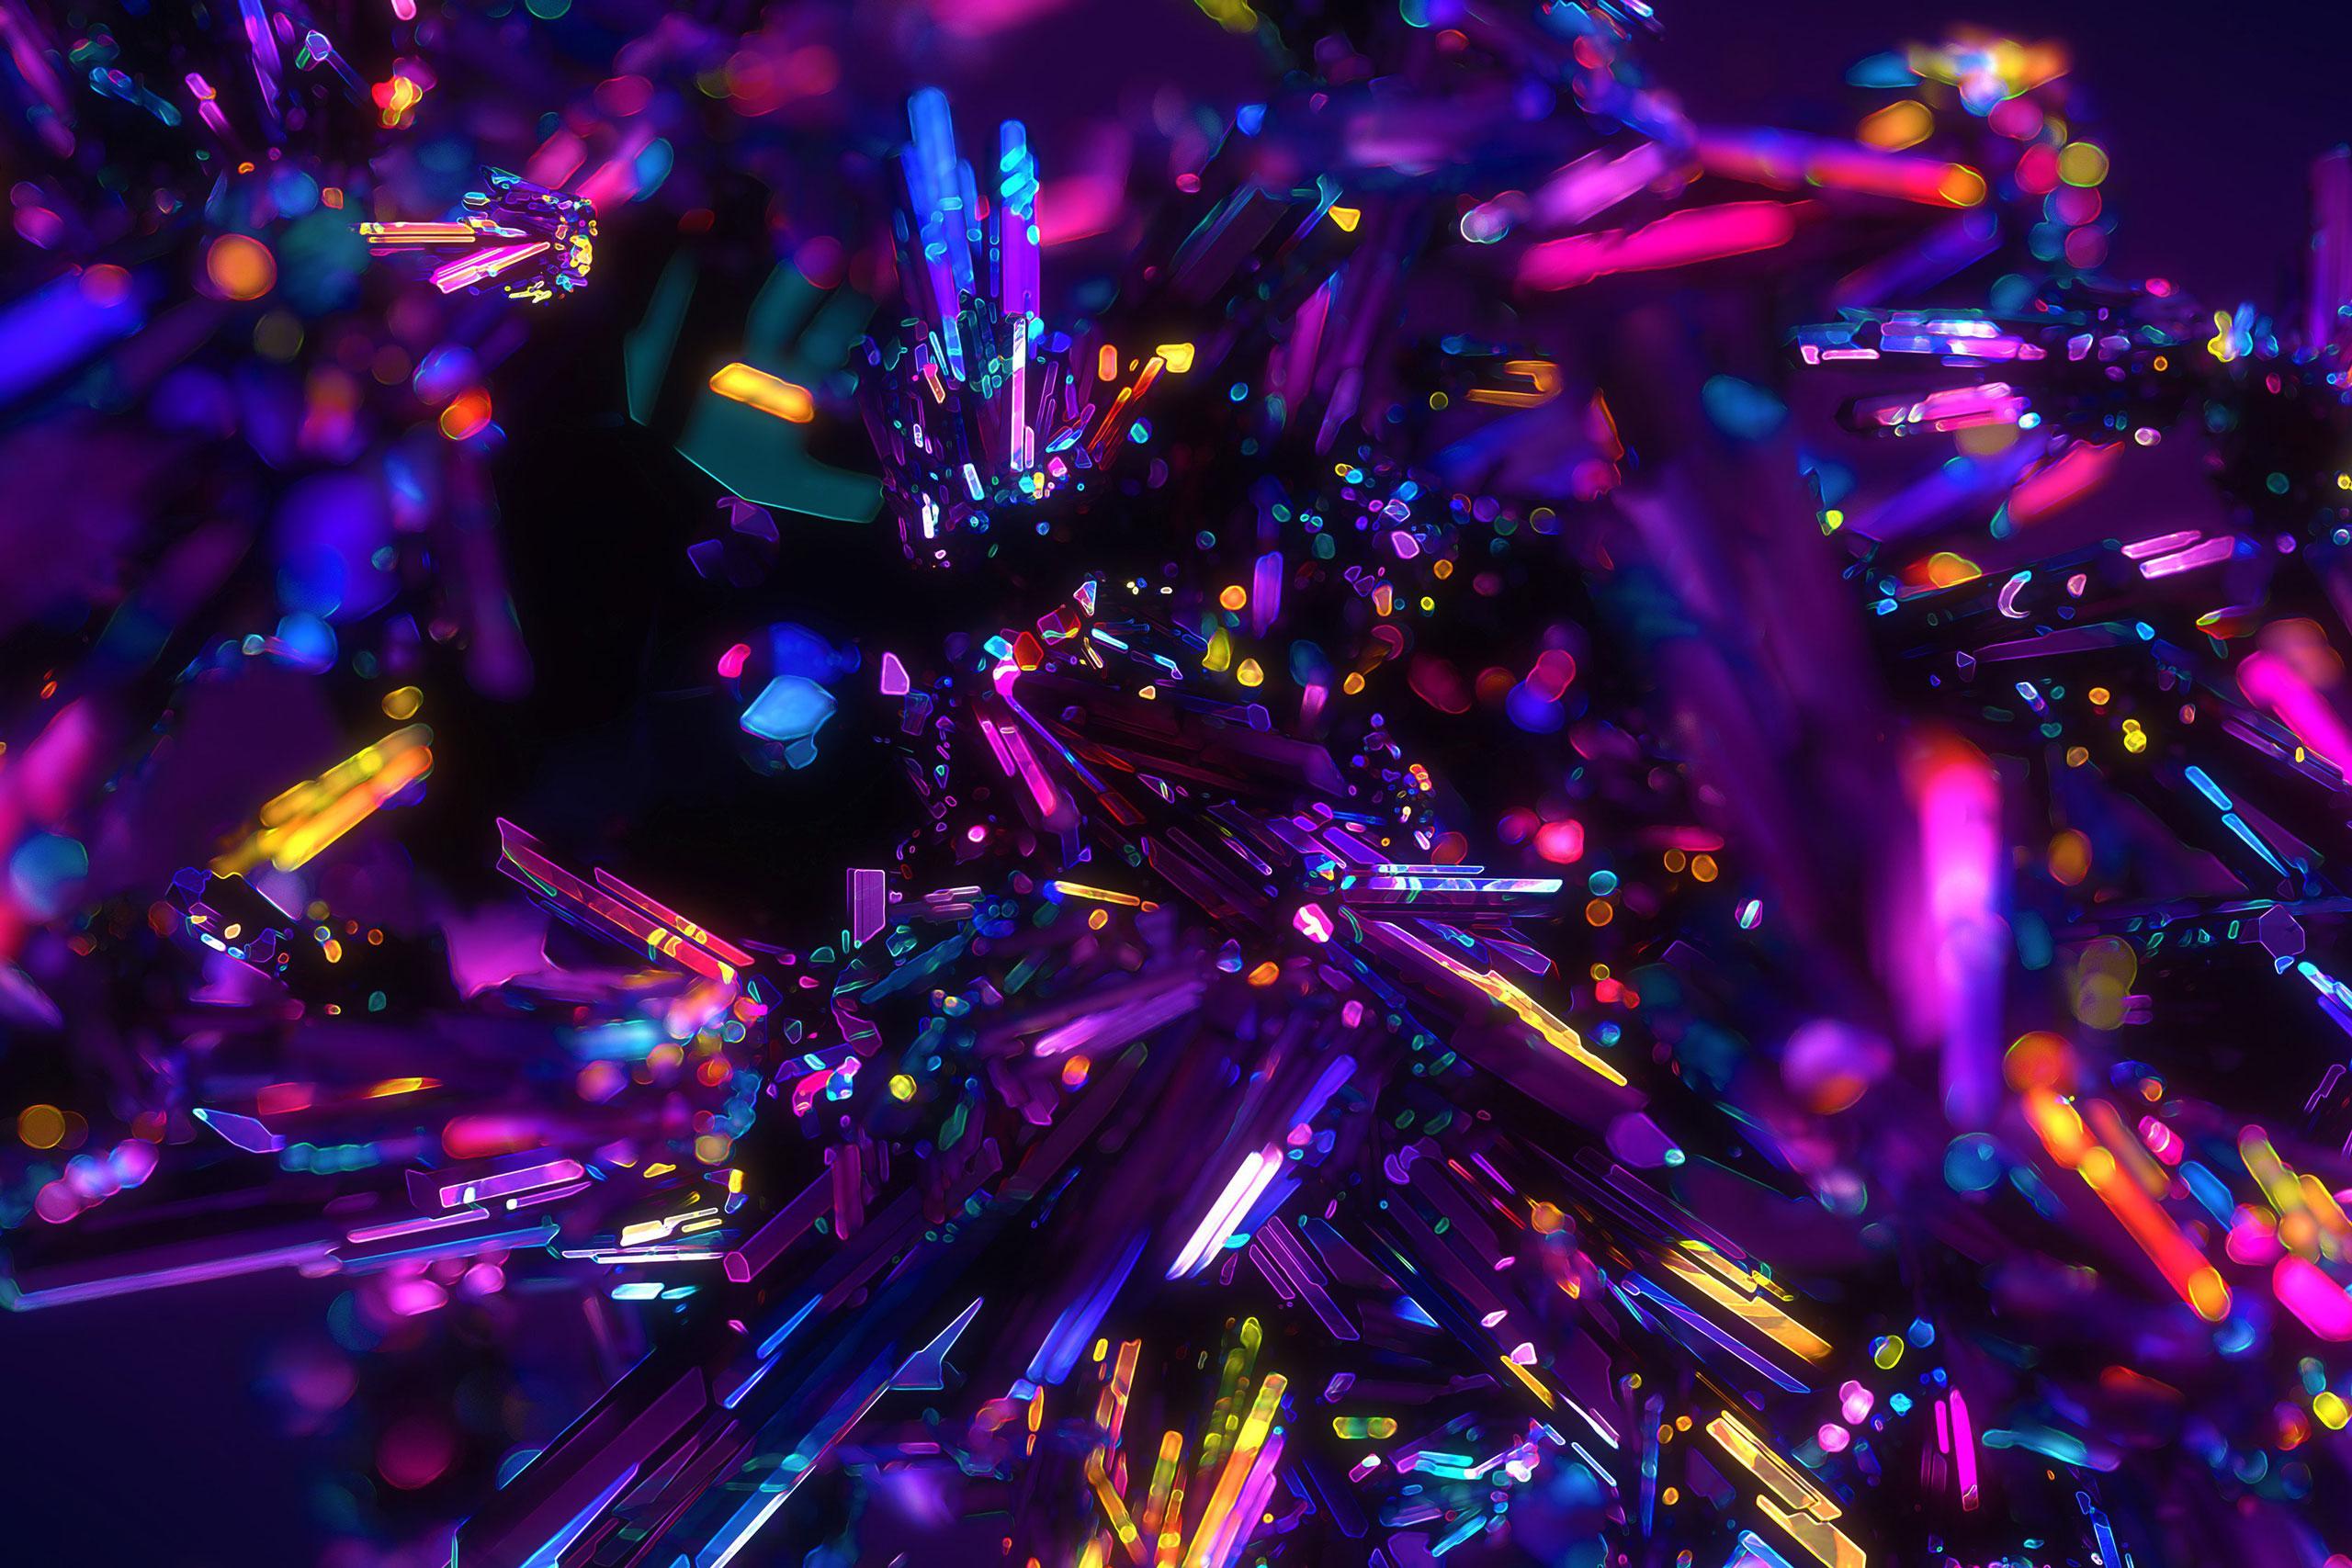 Картинка красивый фиолетовый фон для фотошопа с пурпурными и розовыми кристаллами